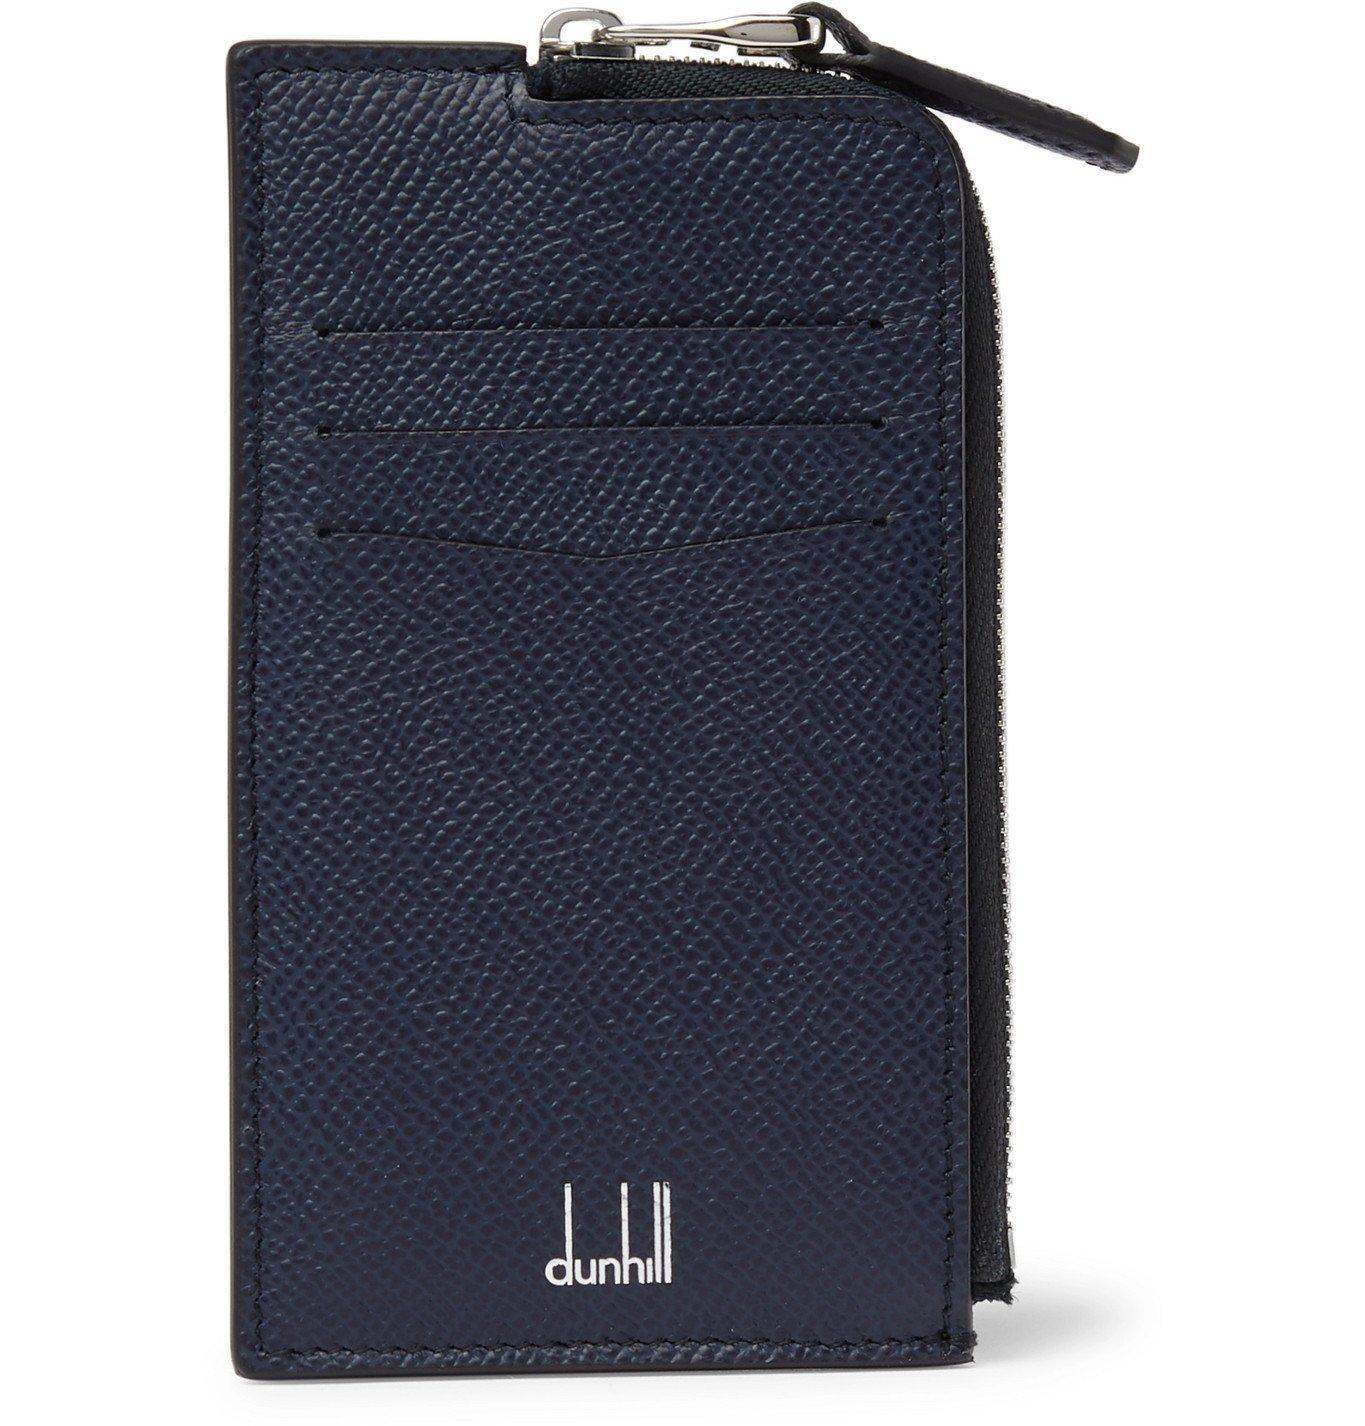 Dunhill - Full-Grain Leather Cardholder - Blue